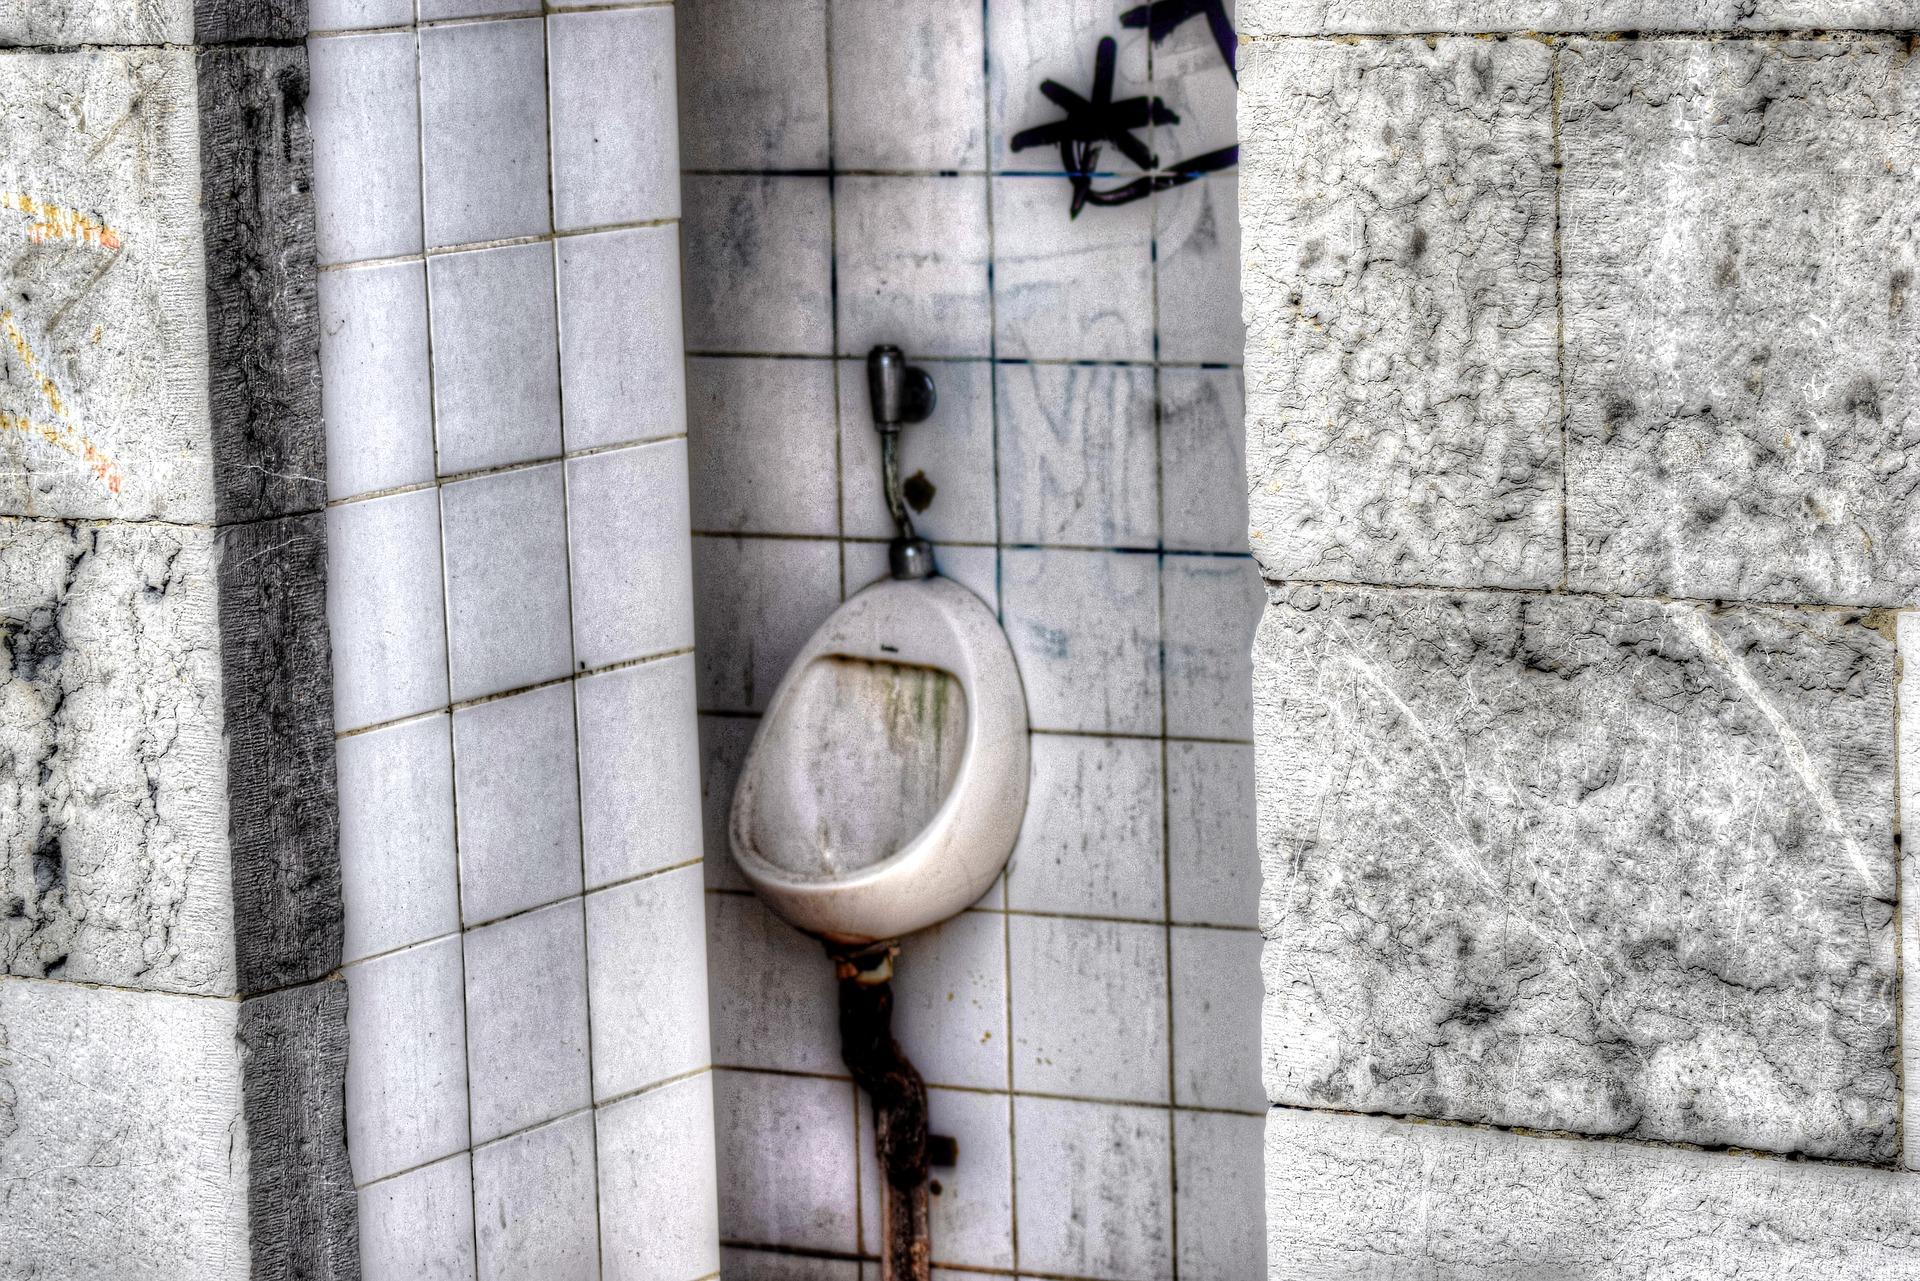 urinal-2318562_1920